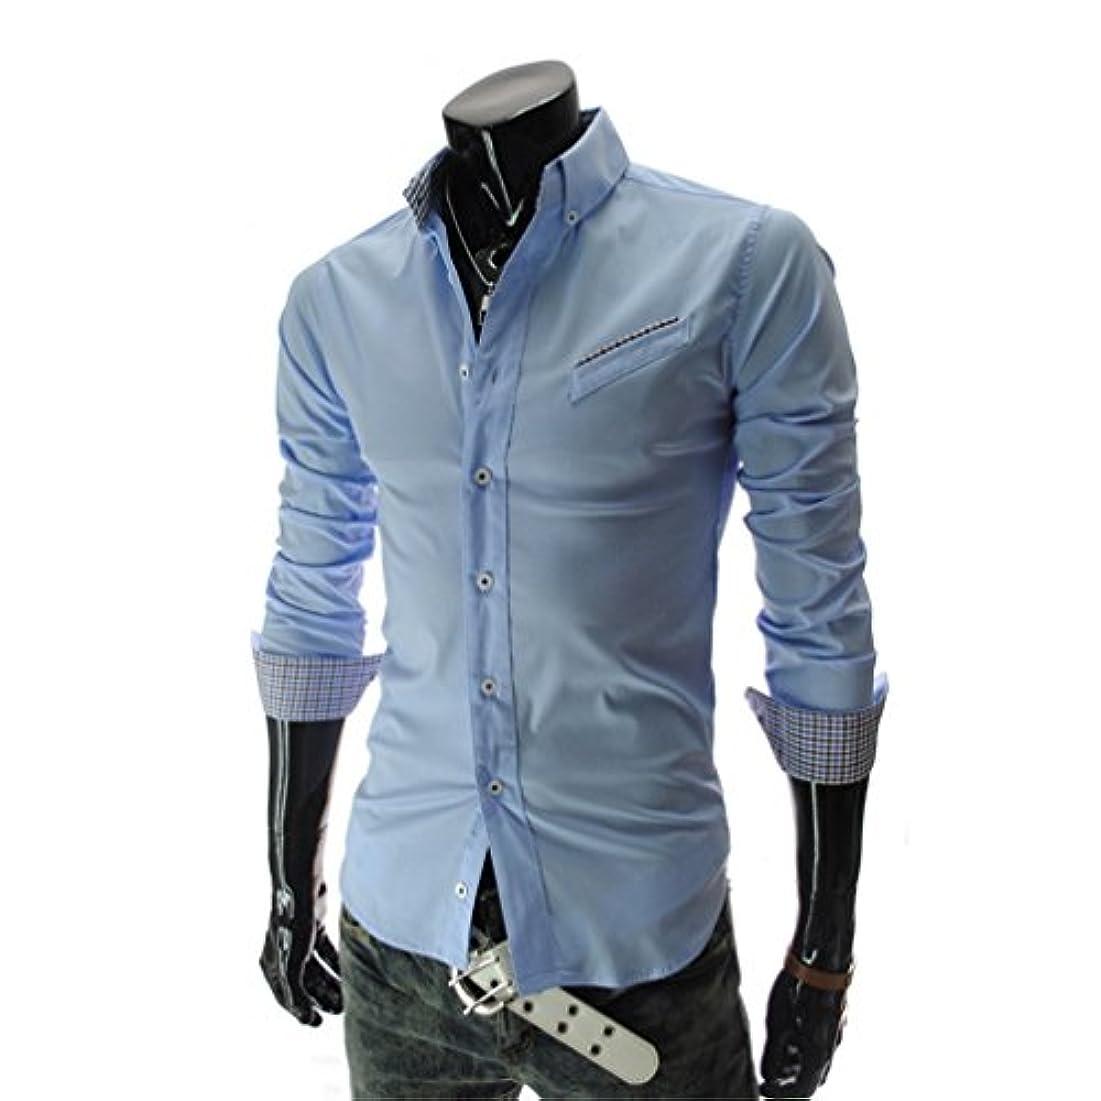 熱心なスピン百年Honghu メンズ シャツ 長袖 3Dプリント ポケット ブルー 2XL 1PC